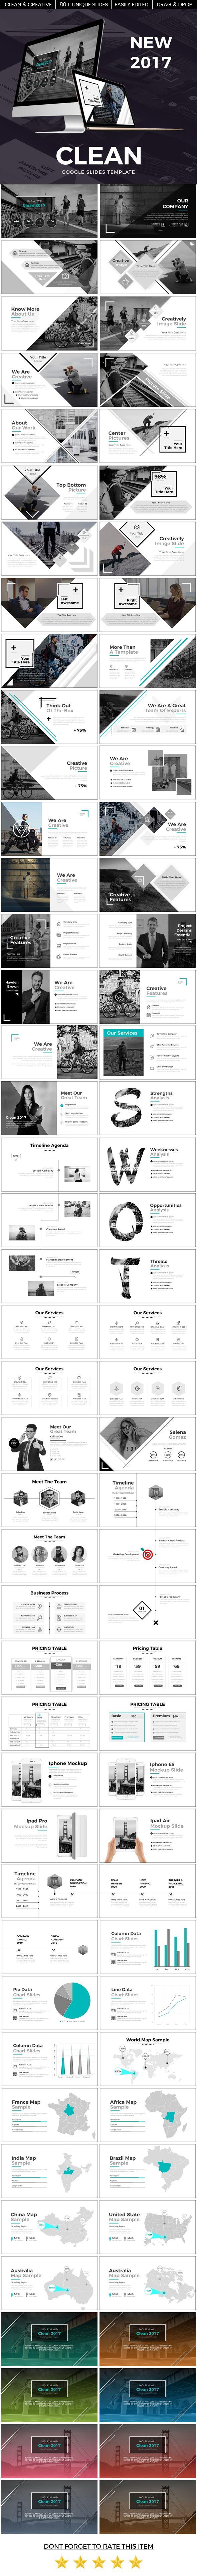 Clean 2017 Google Slide Template - Google Slides #Presentation #Templates Download here: https://graphicriver.net/item/clean-2017-google-slide-template/19742859?ref=alena994